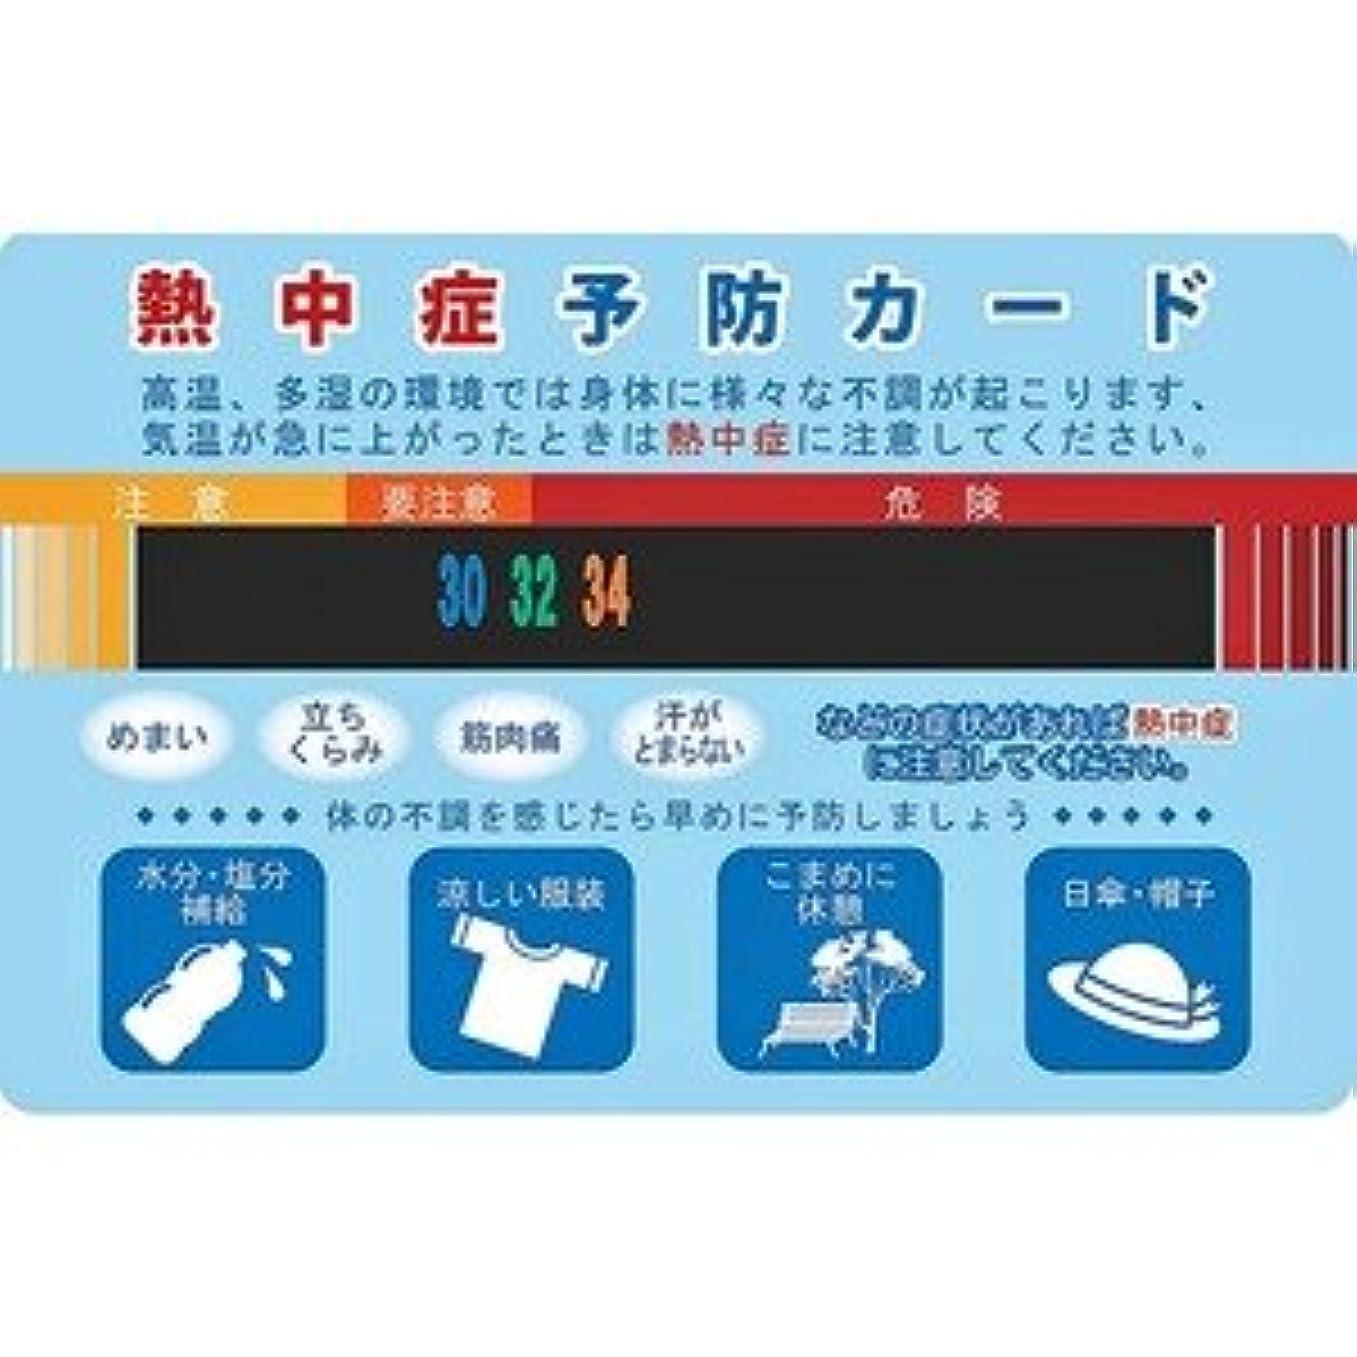 モネ加害者便宜熱中症予防カード?NE1 【100枚セット】 熱中症対策